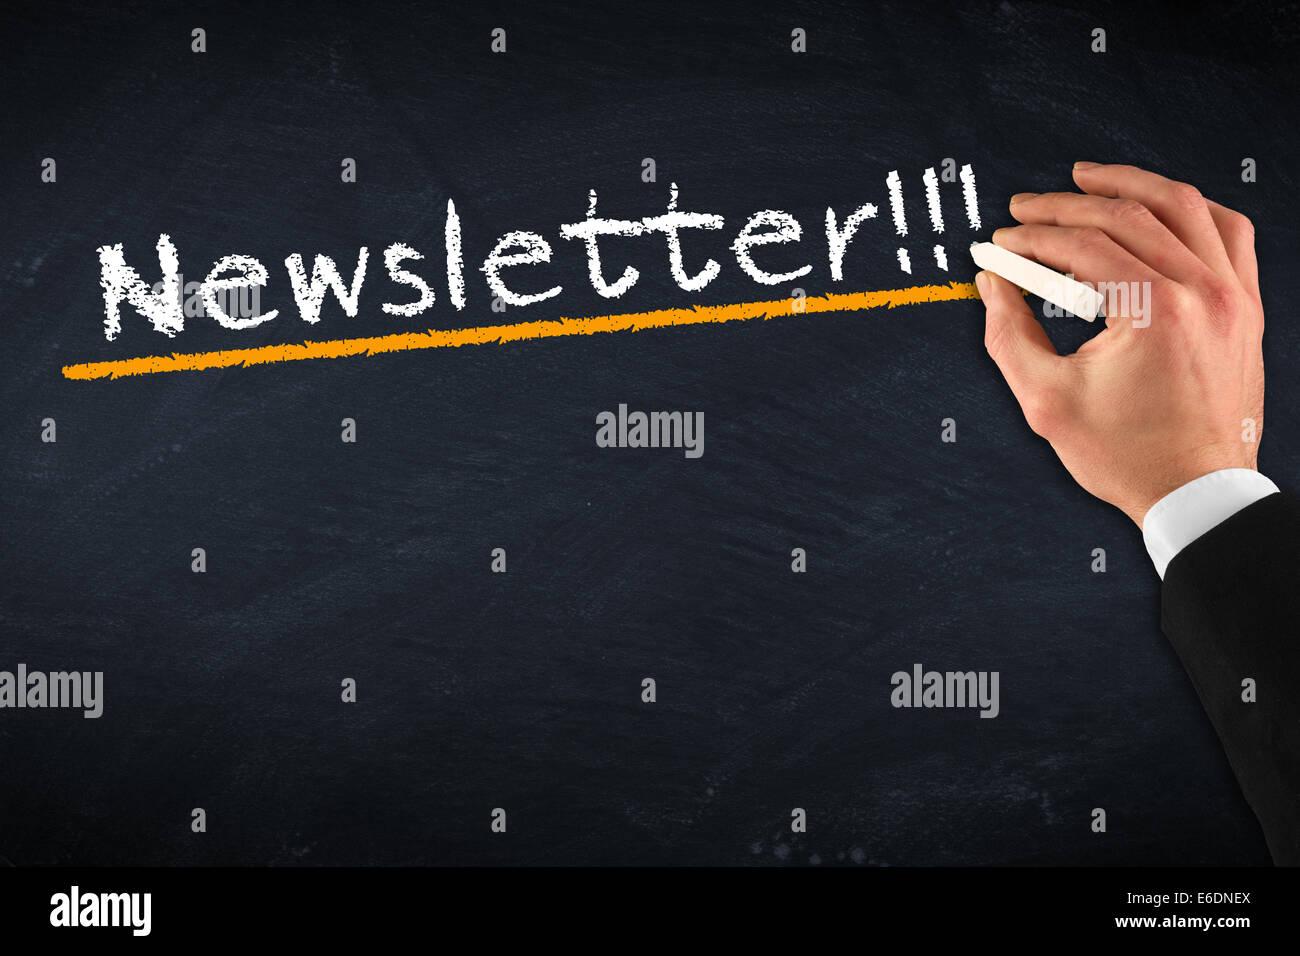 Tafel mit Hand und Newsletter-Zeichnung Stockbild